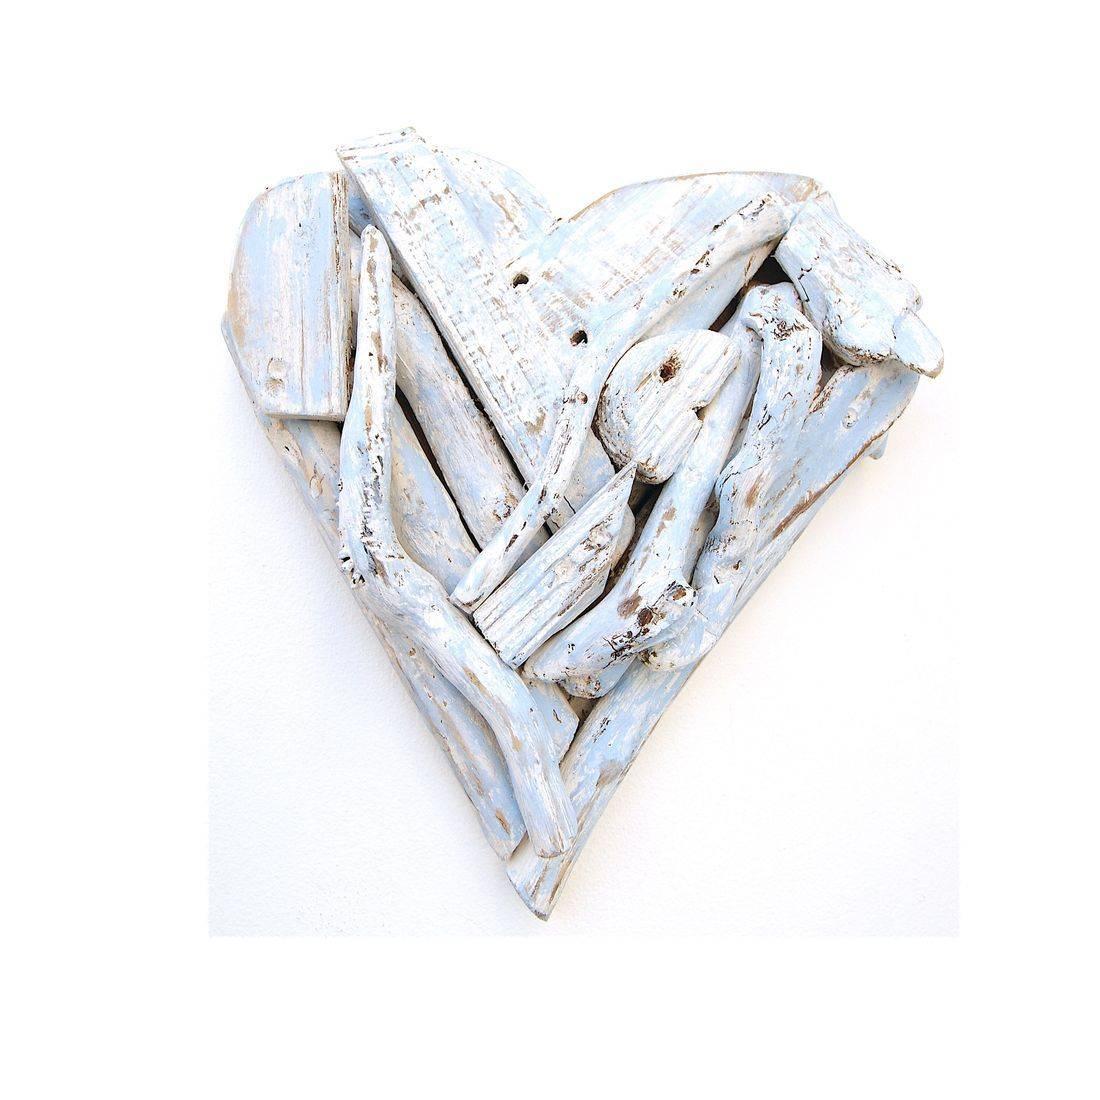 Driftwood Heart 16